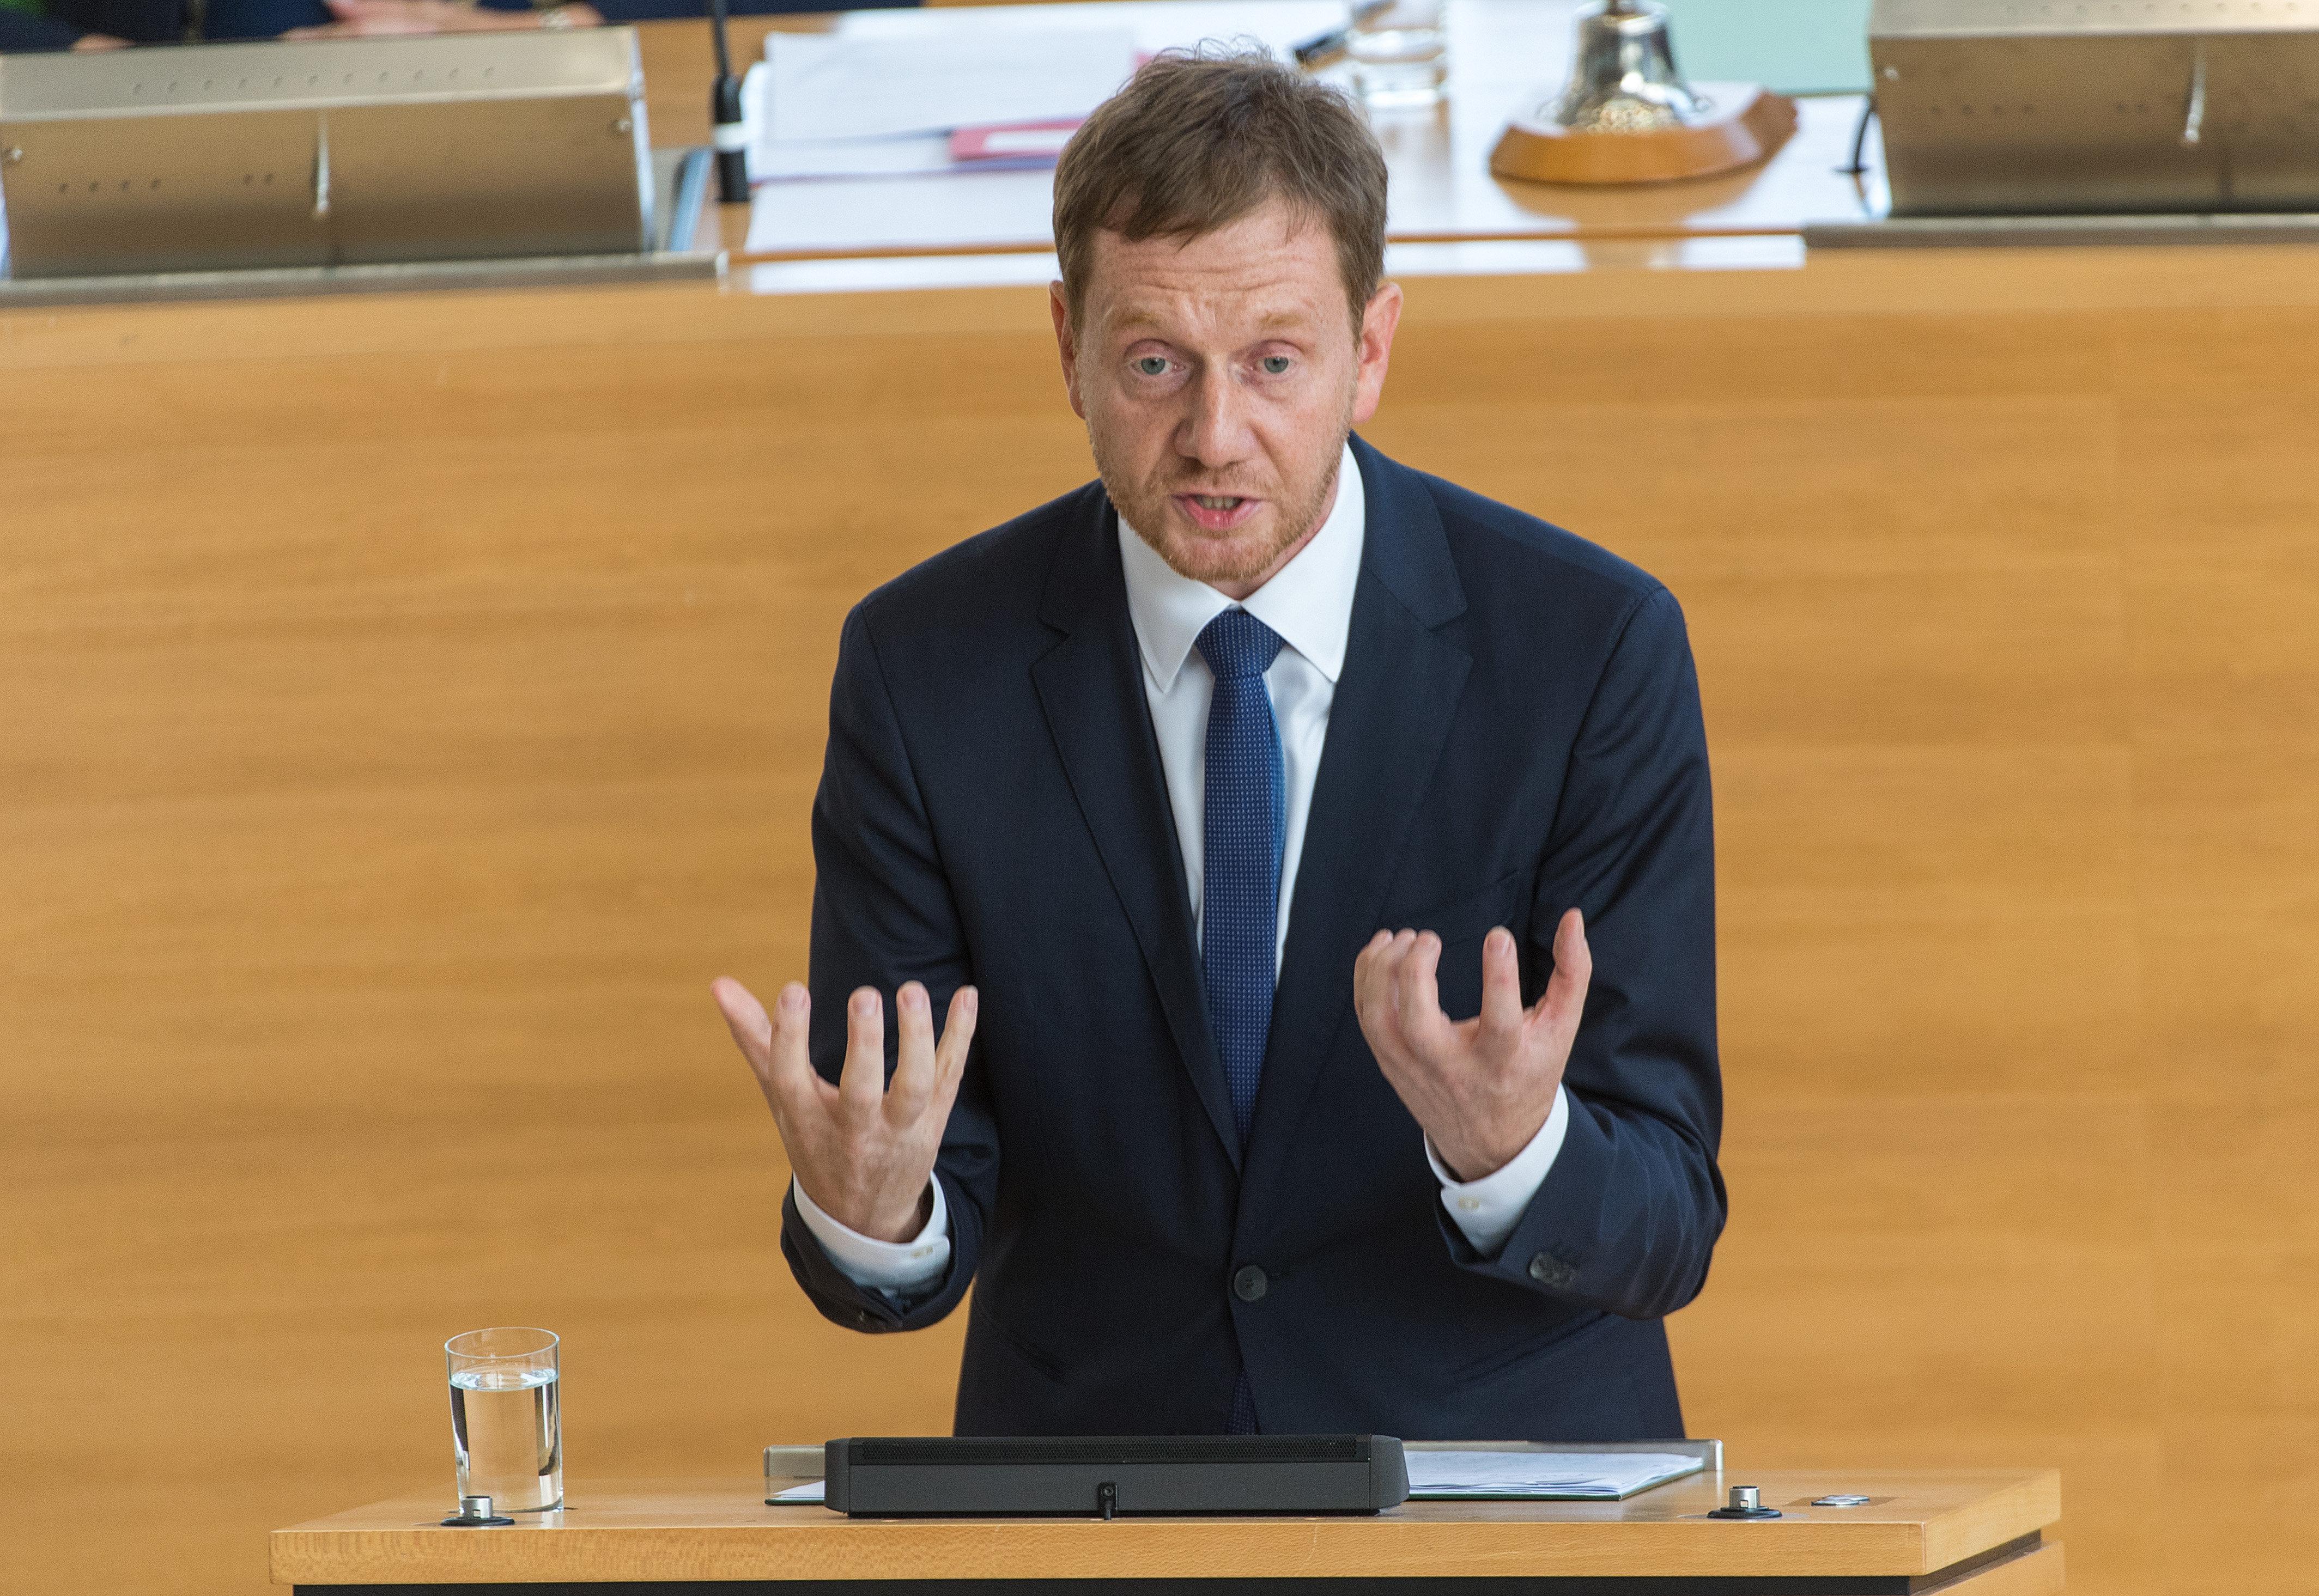 Sachsens Ministerpräsident kritisiert nach Chemnitz die Presse – und attackiert die AfD